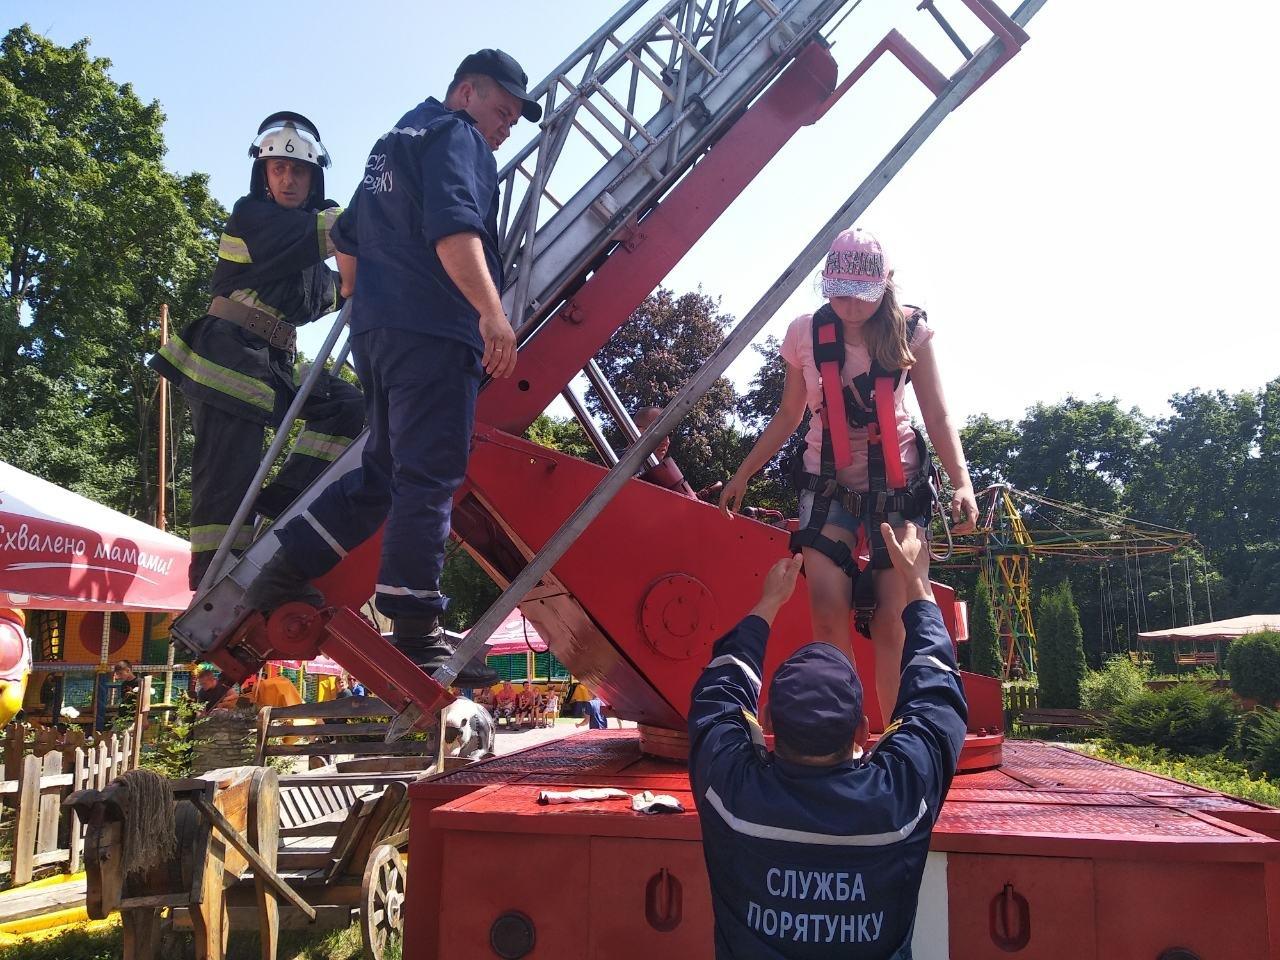 У Кам'янці-Подільському рятувальники евакуювали людей із оглядового колеса, фото-6, Фото: ГУ ДСНС України у Хмельницькій області